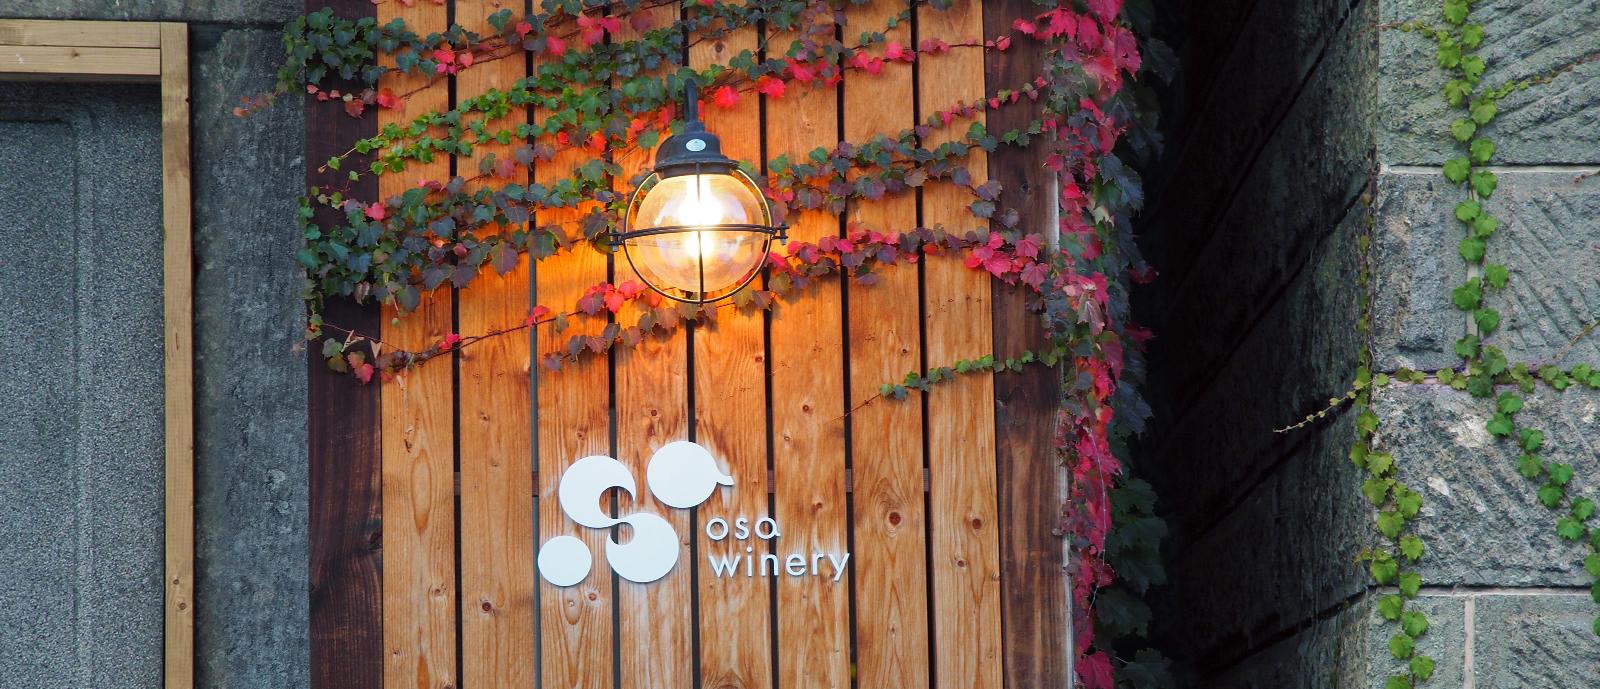 北海道小樽市で「幸せのワイン」づくりを目指すワイナリーです